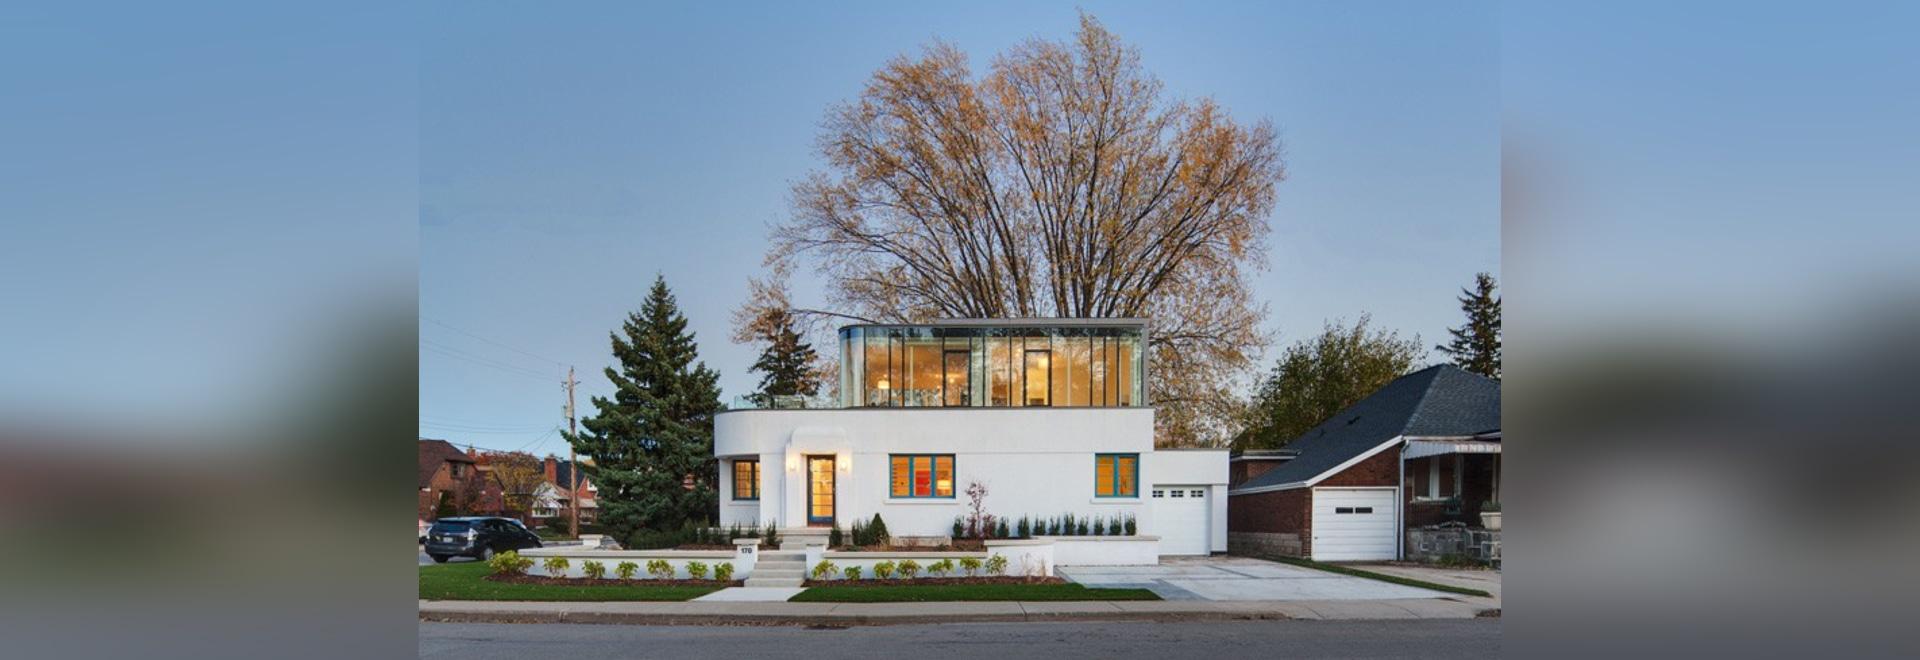 Dieses Dreißigerjahre Stromlinie-Moderne Haus erhielt eine ...